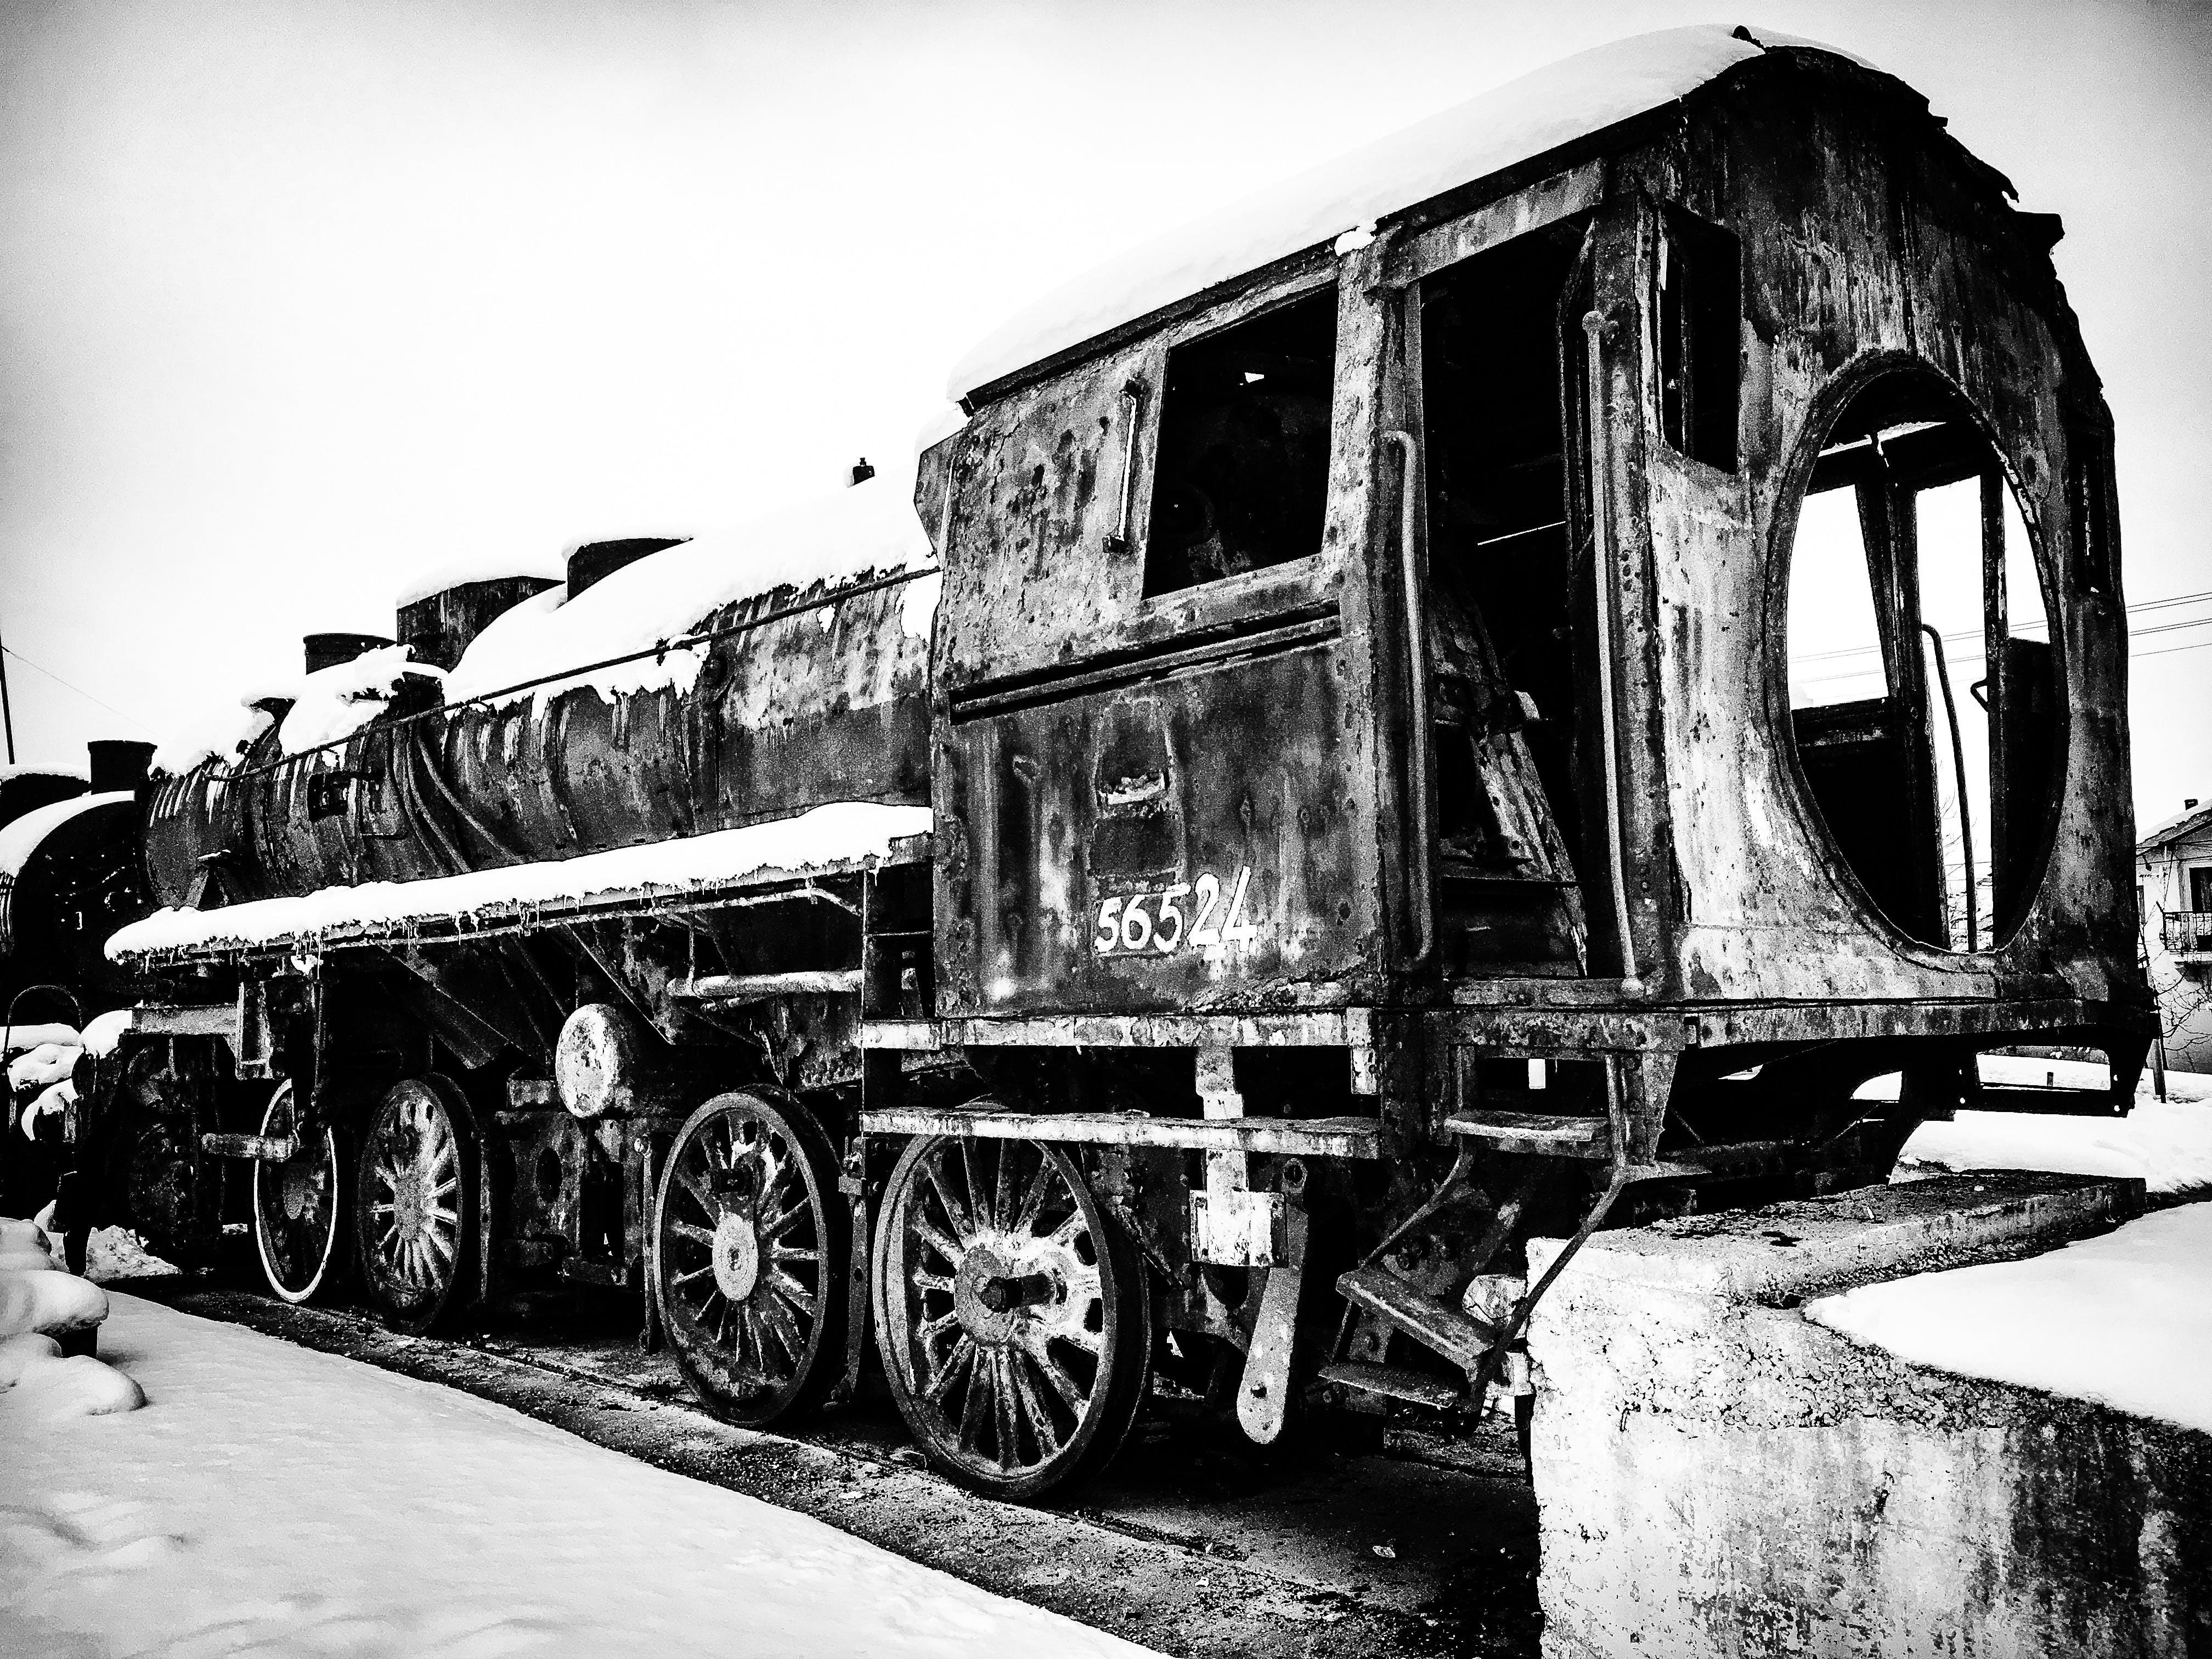 Kostenloses Stock Foto zu schwarz und weiß, industrie, zug, fahrzeug